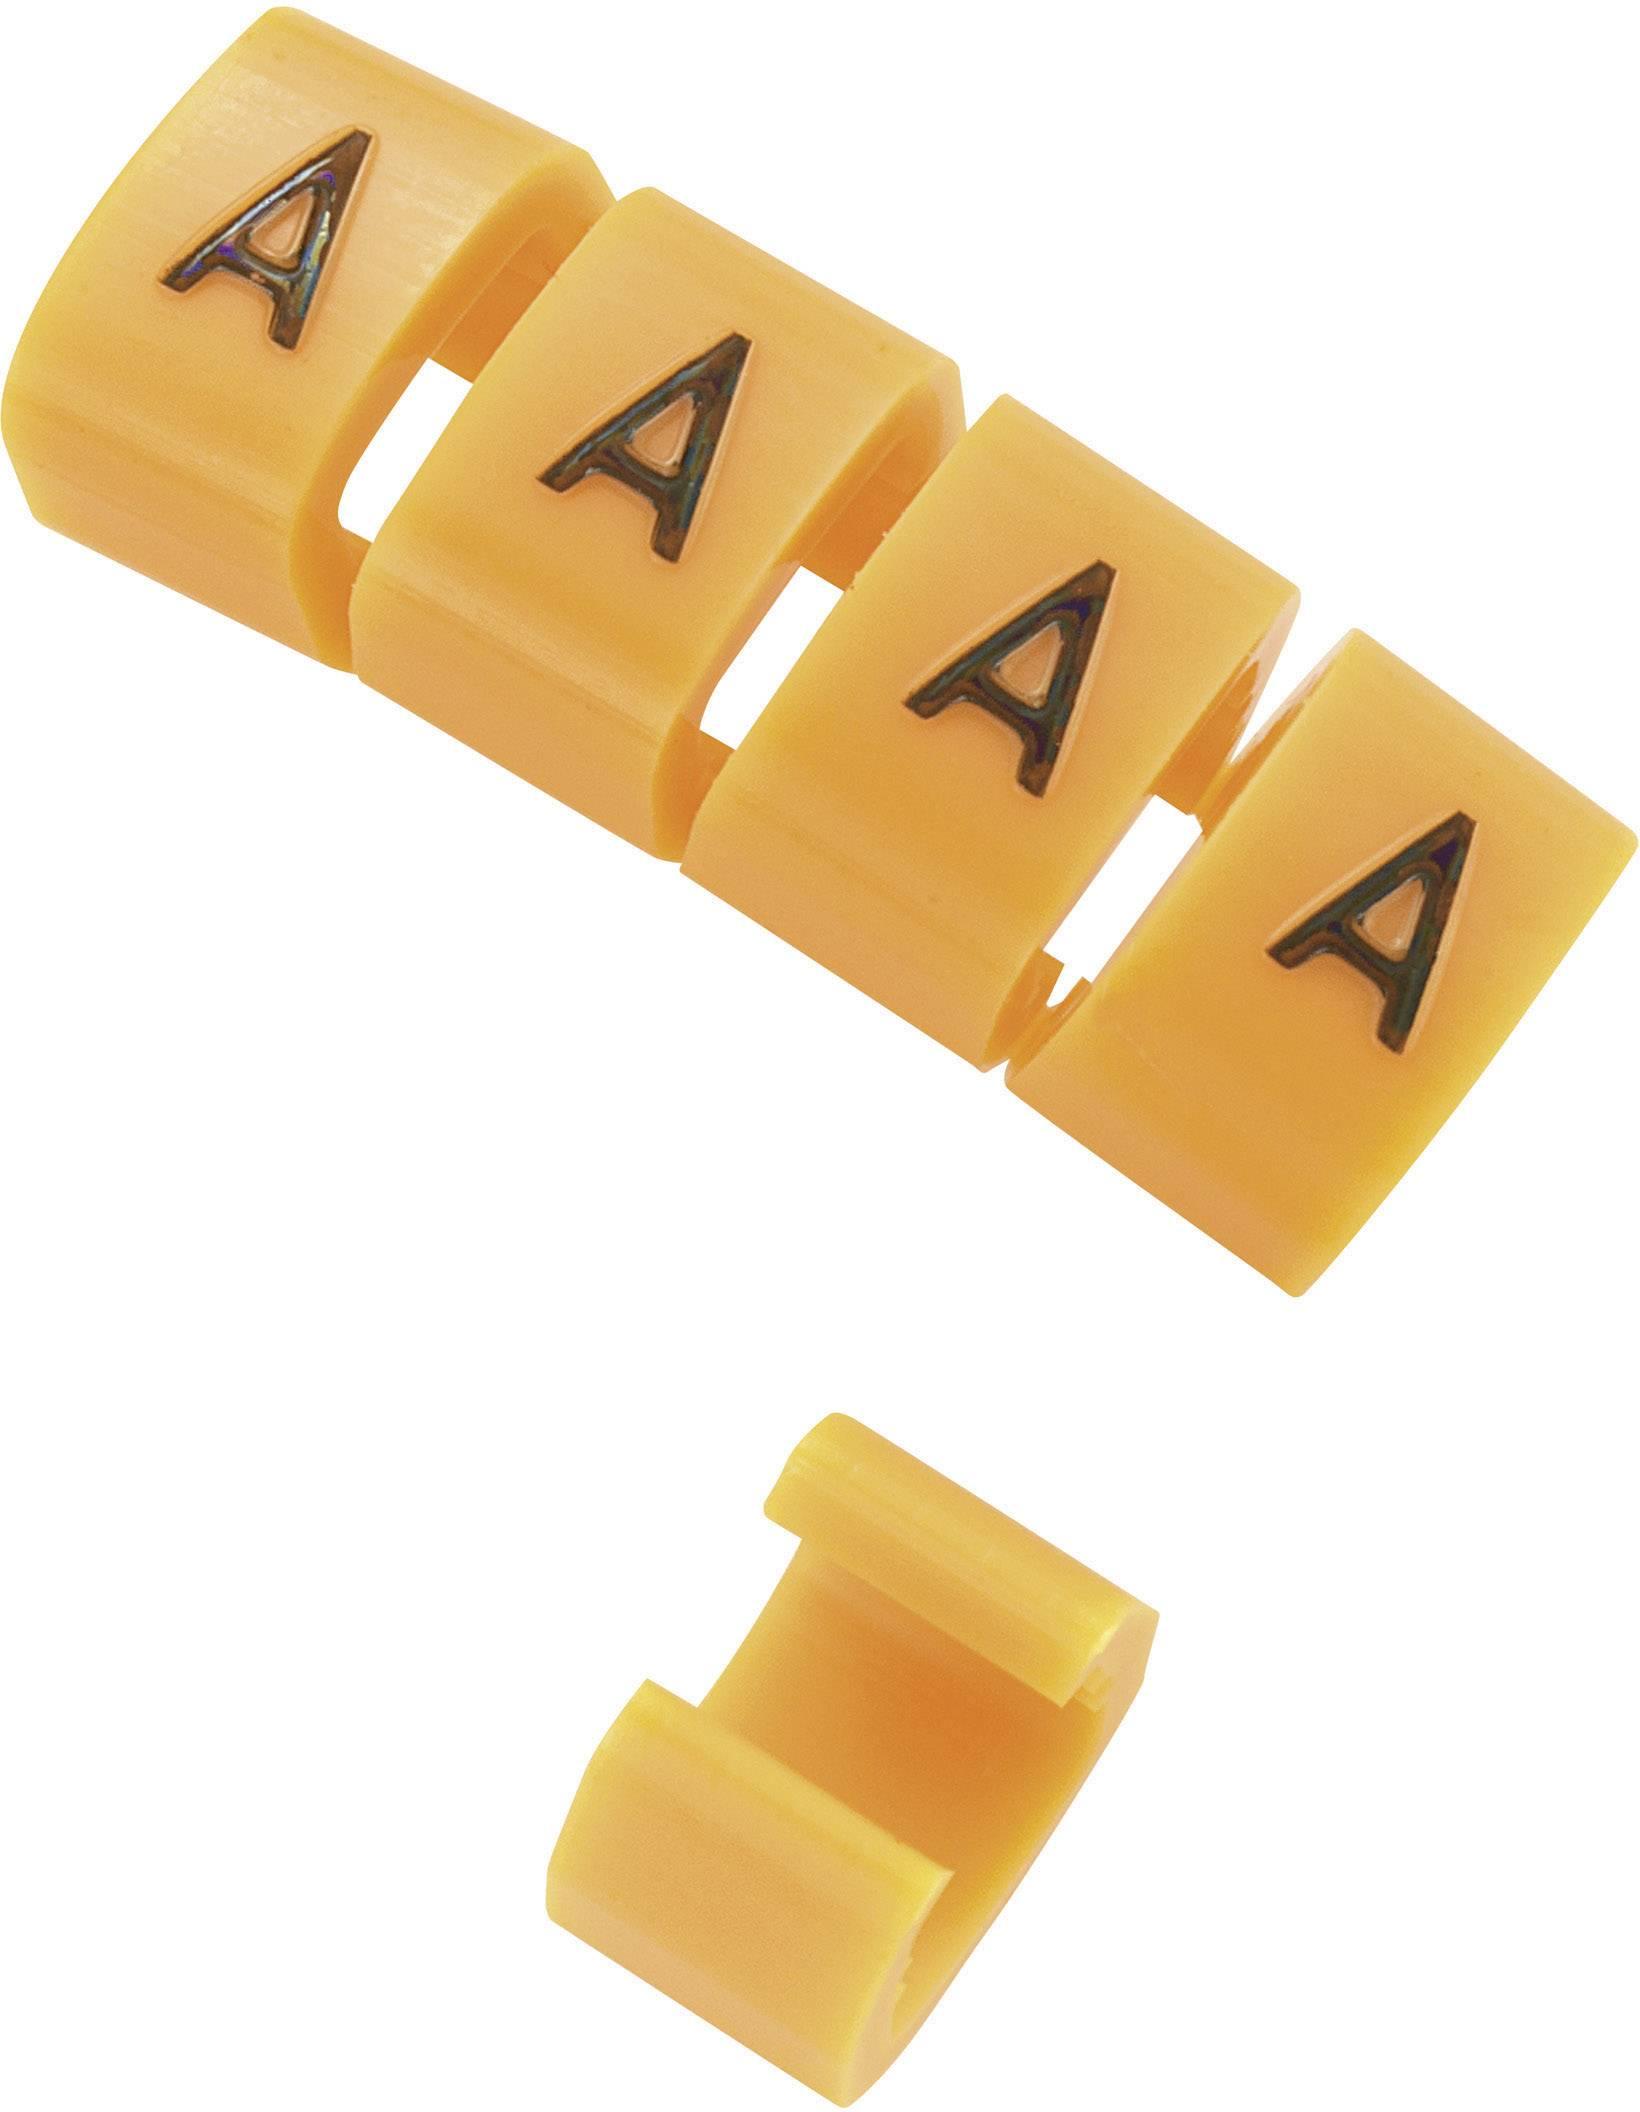 Označovacie objímka na káble KSS MB1/O, oranžová, 10 ks